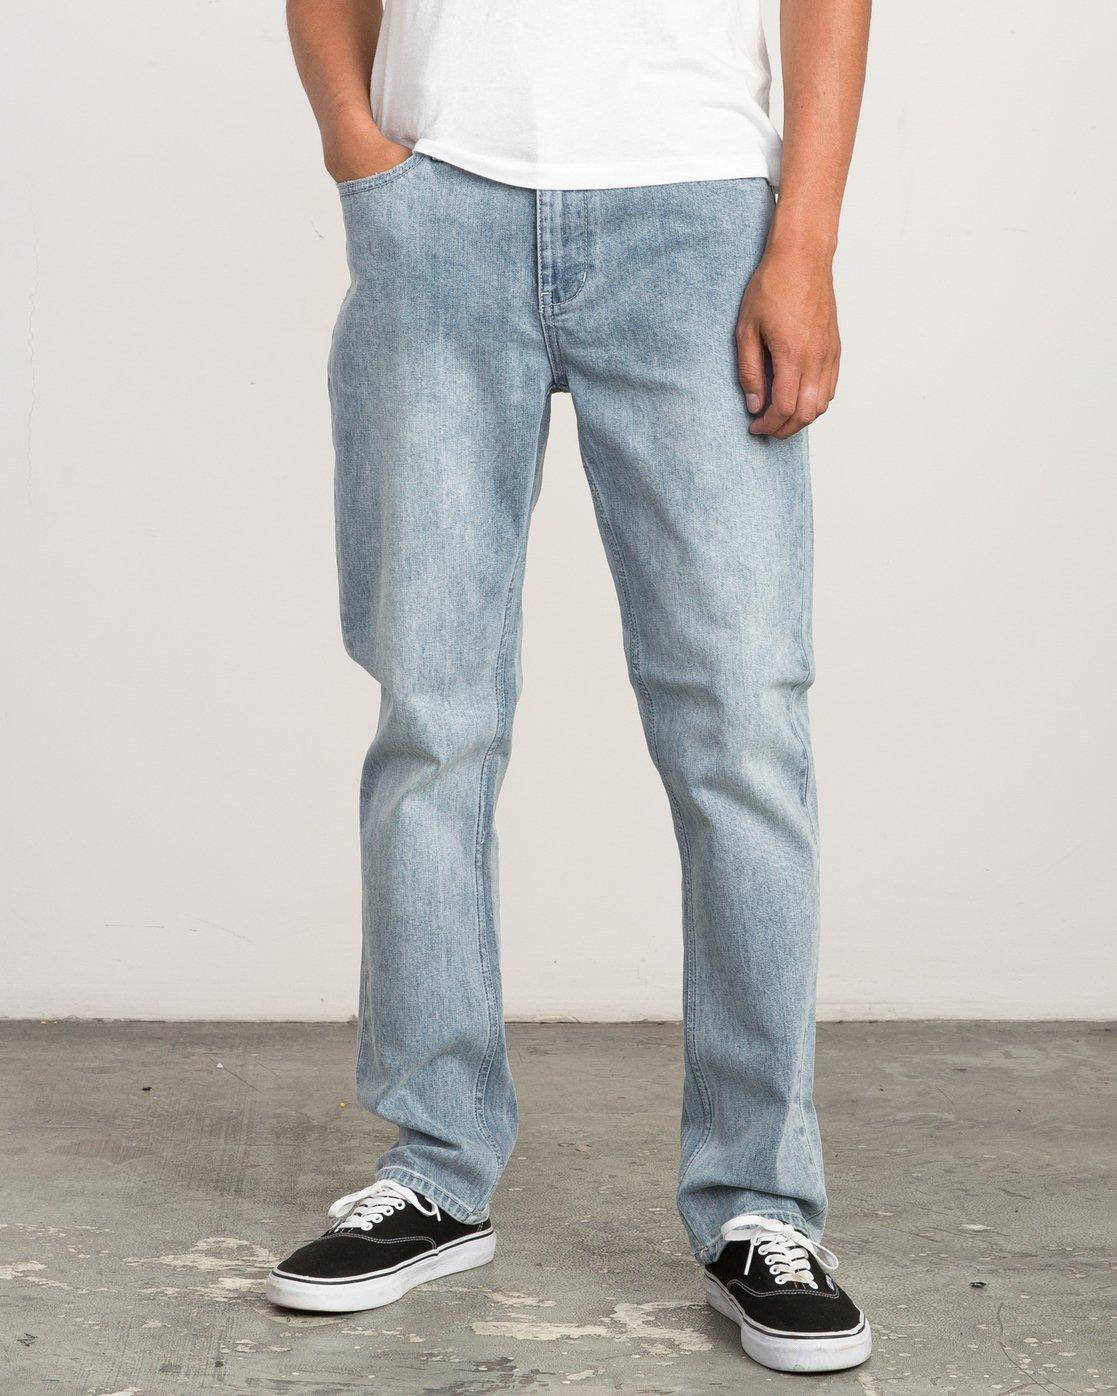 0 Daggers Slim-Straight Jeans Beige L1PNRJRVF8 RVCA